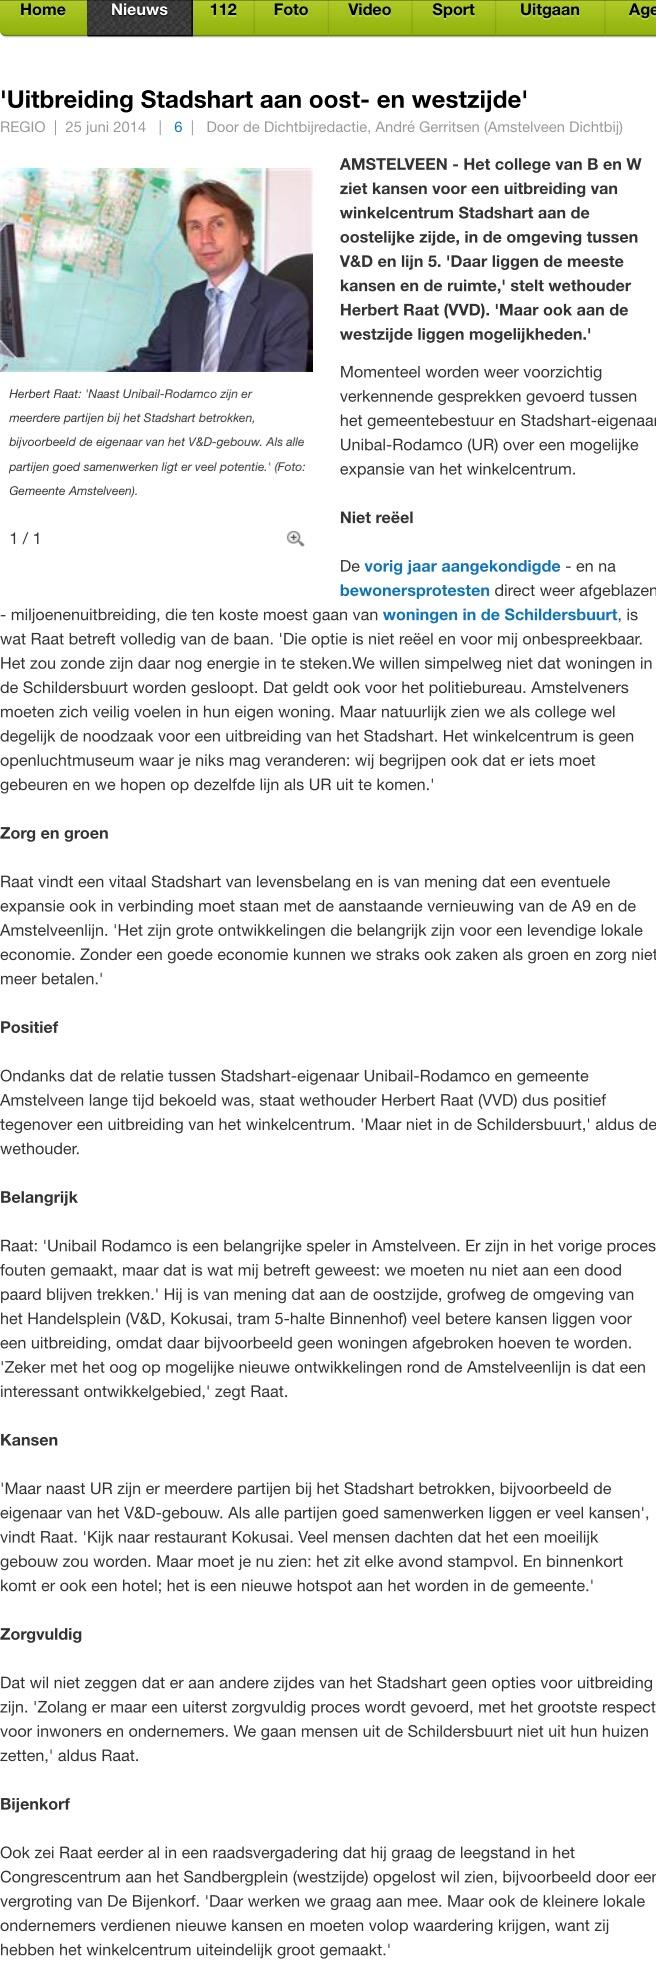 2014-25-6: AmstelveenDichtbij: wethouder Herbert Raat over uitbreiding Stadshart Amstelveen